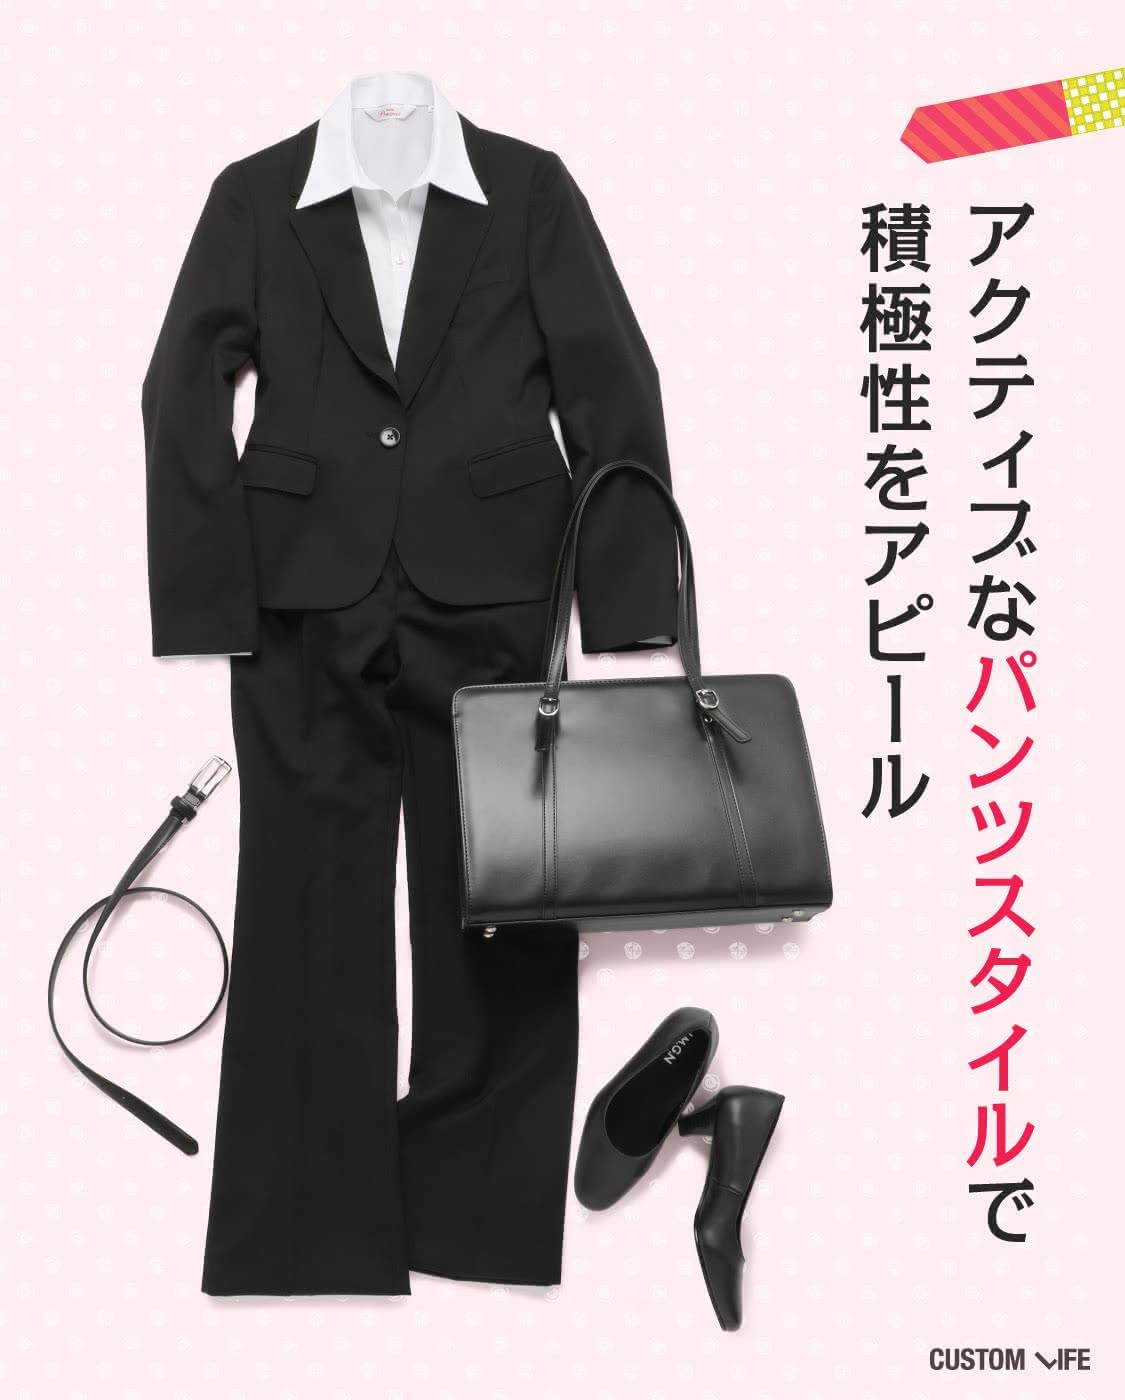 リクルートスーツのパンツスタイル